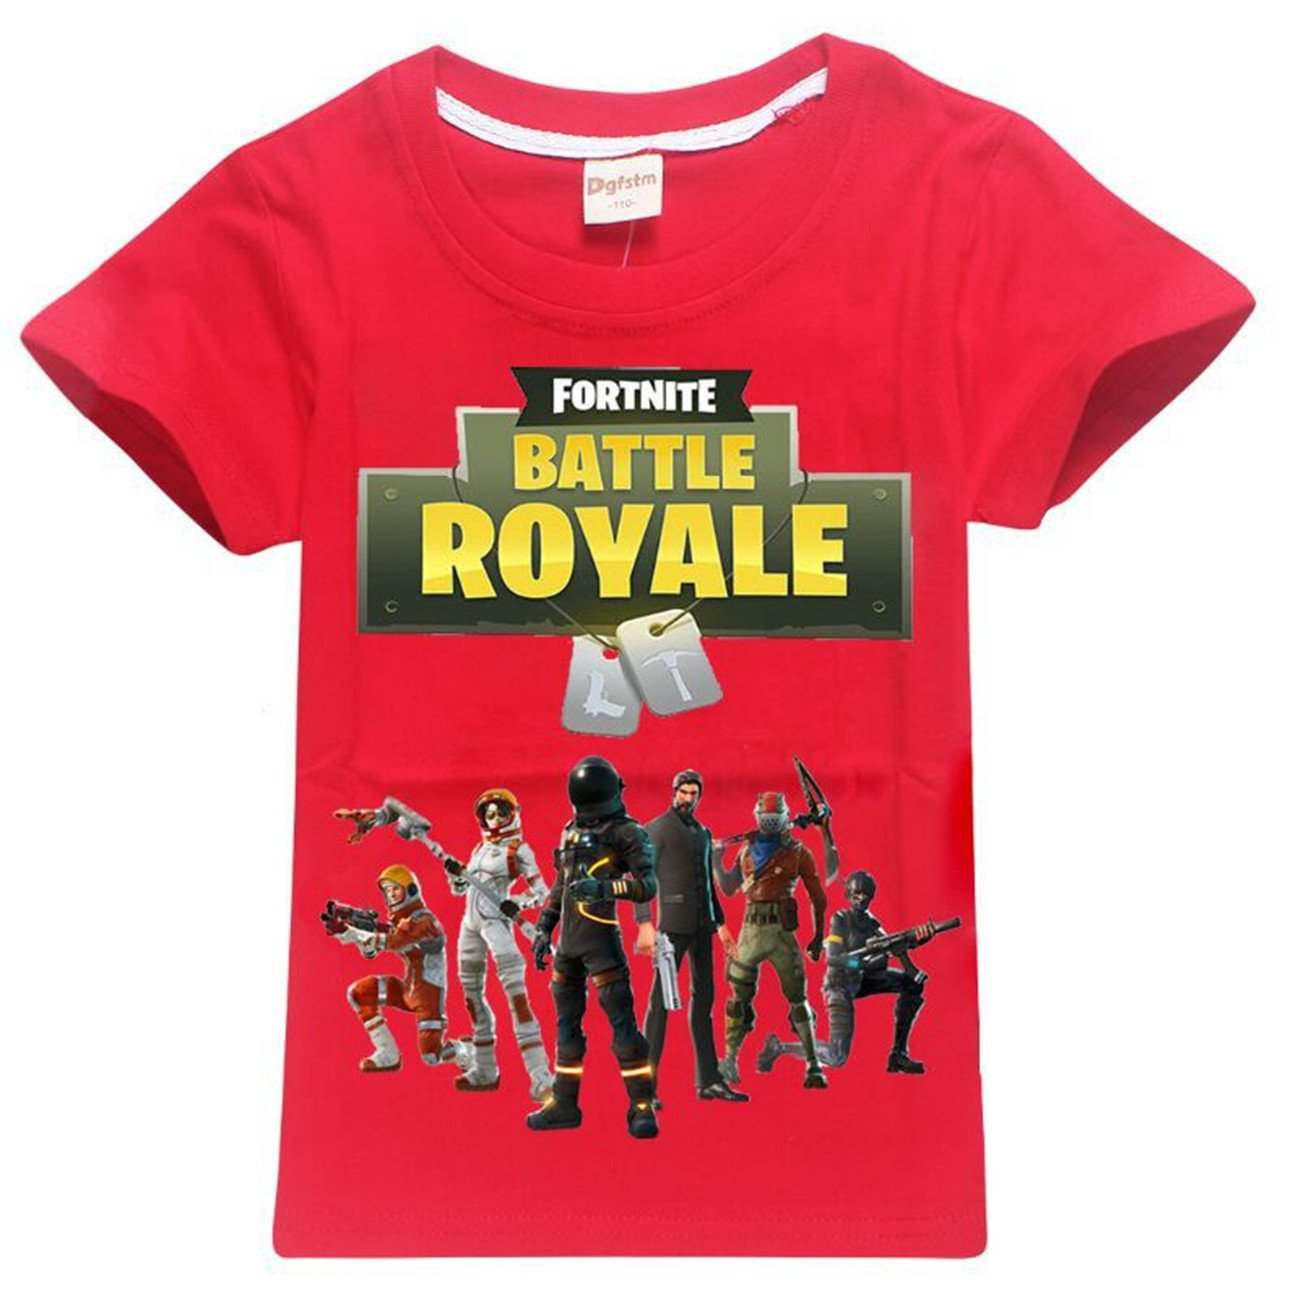 SERAPHY T-Shirt en Coton à Manches Courtes Fortnite T-Shirts Enfants Merveilleux Cadeaux Les Garçons